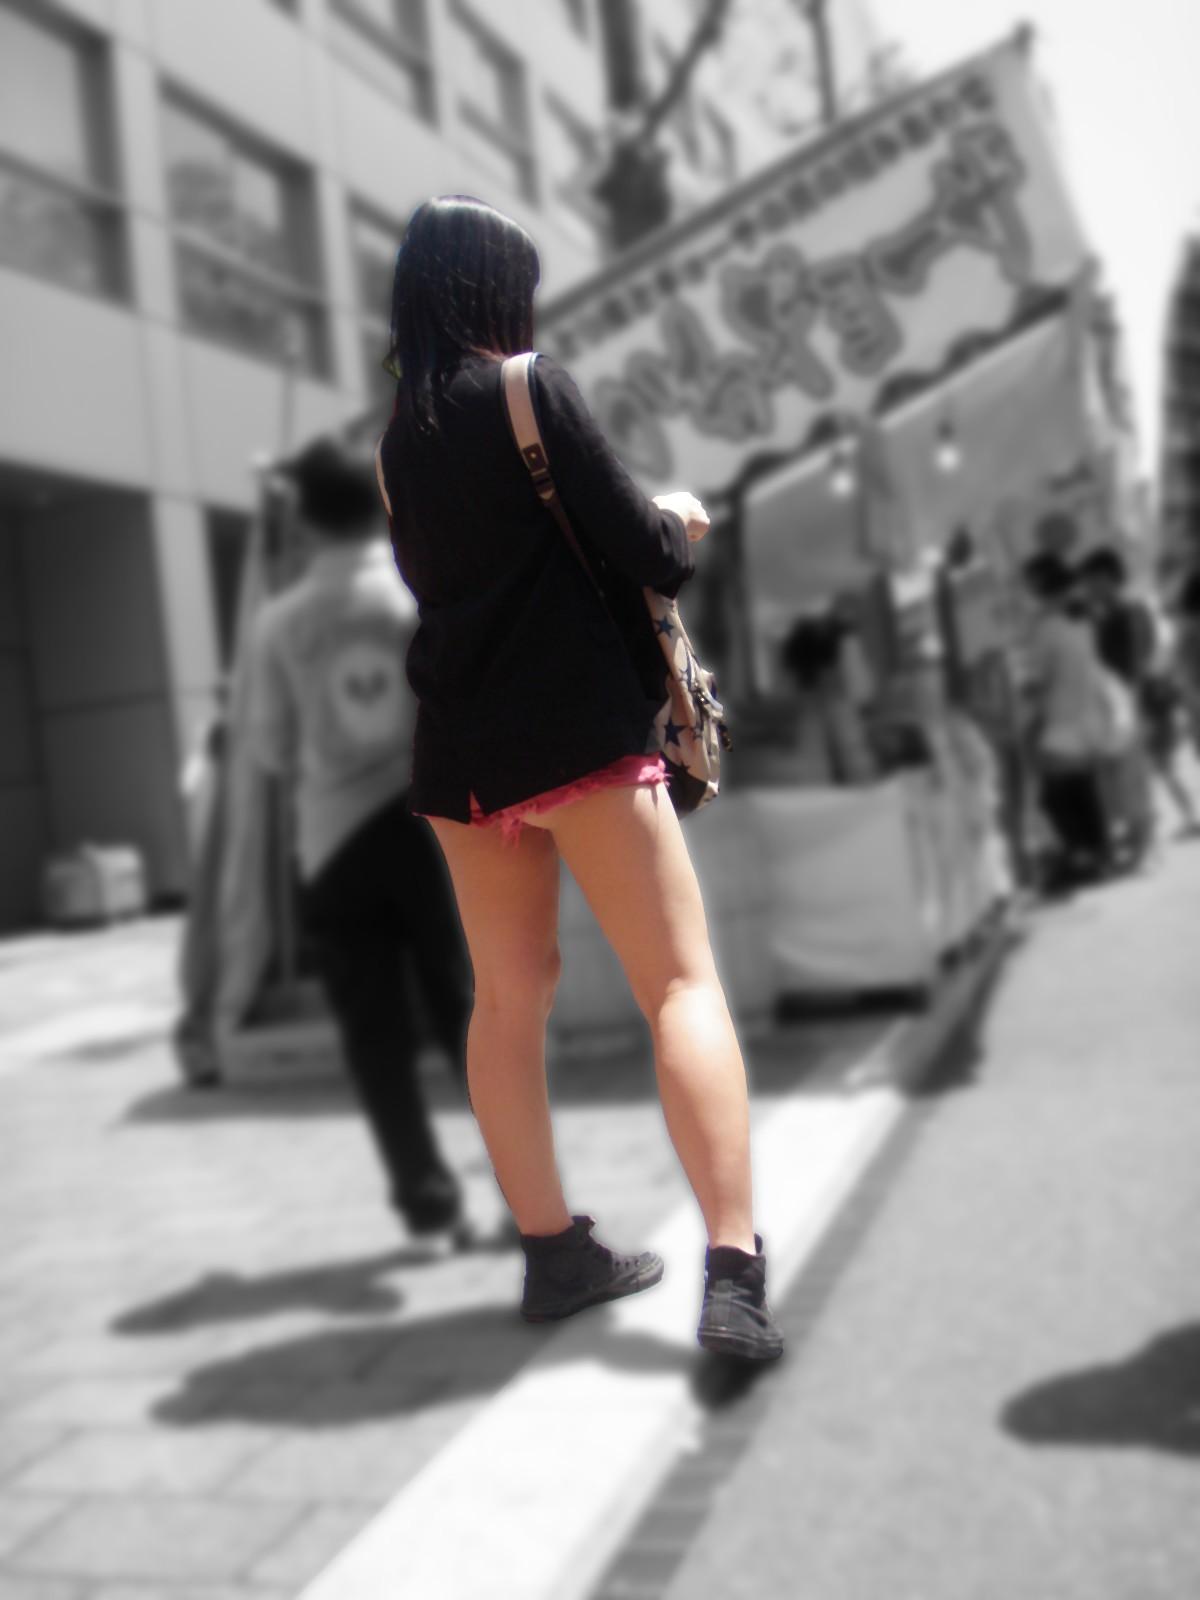 ショートパンツギャルの街撮り素人エロ画像10